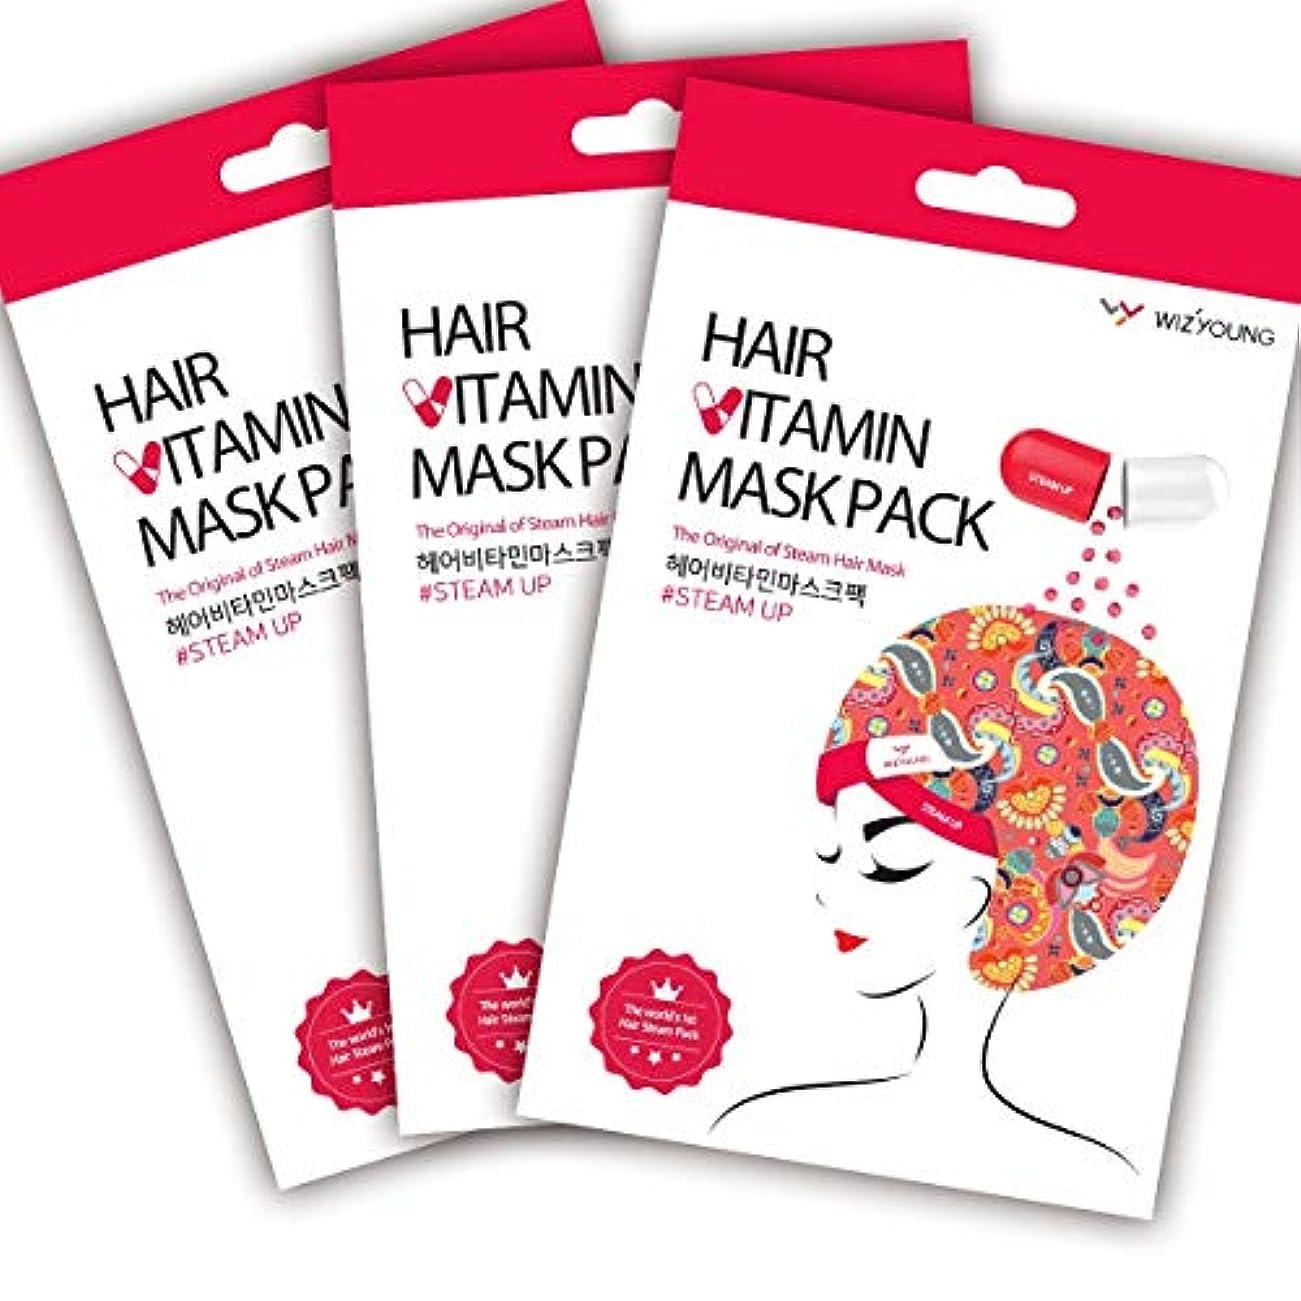 に対処する蓄積するミキサーヘアビタミンマスクパック スチームアップ 3パックセット HAIR VITAMIN MASK PACK STEAM UP